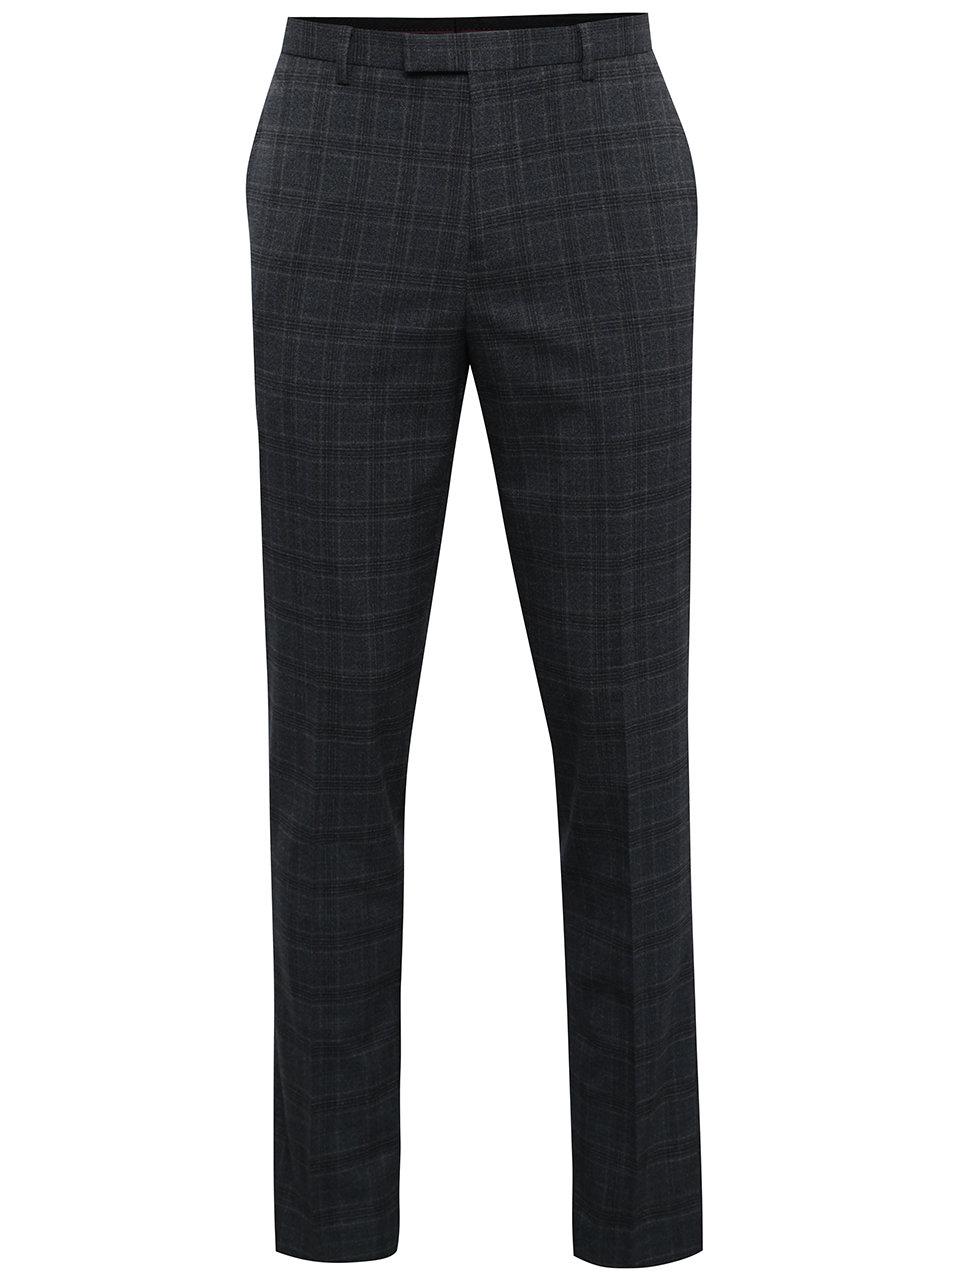 Tmavě šedé kostkované oblekové slim kalhoty Burton Menswear London